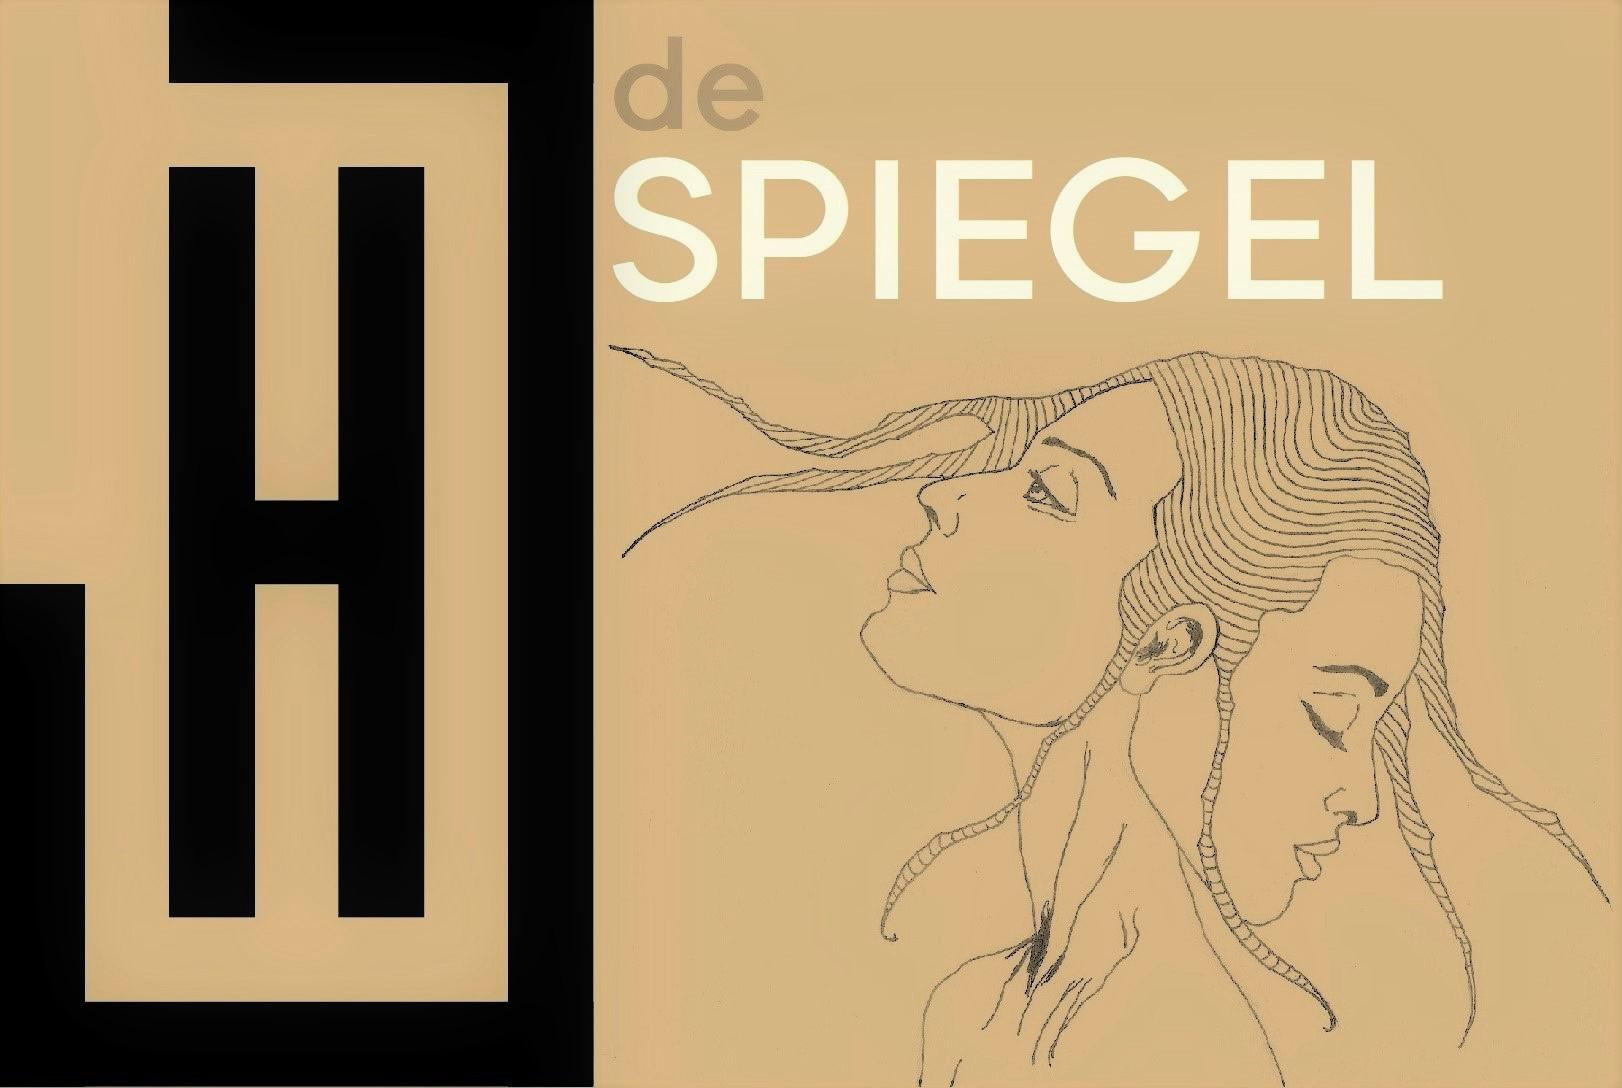 Redactioneel: auteurs gezocht voor nieuwe rubriek 'de Spiegel'